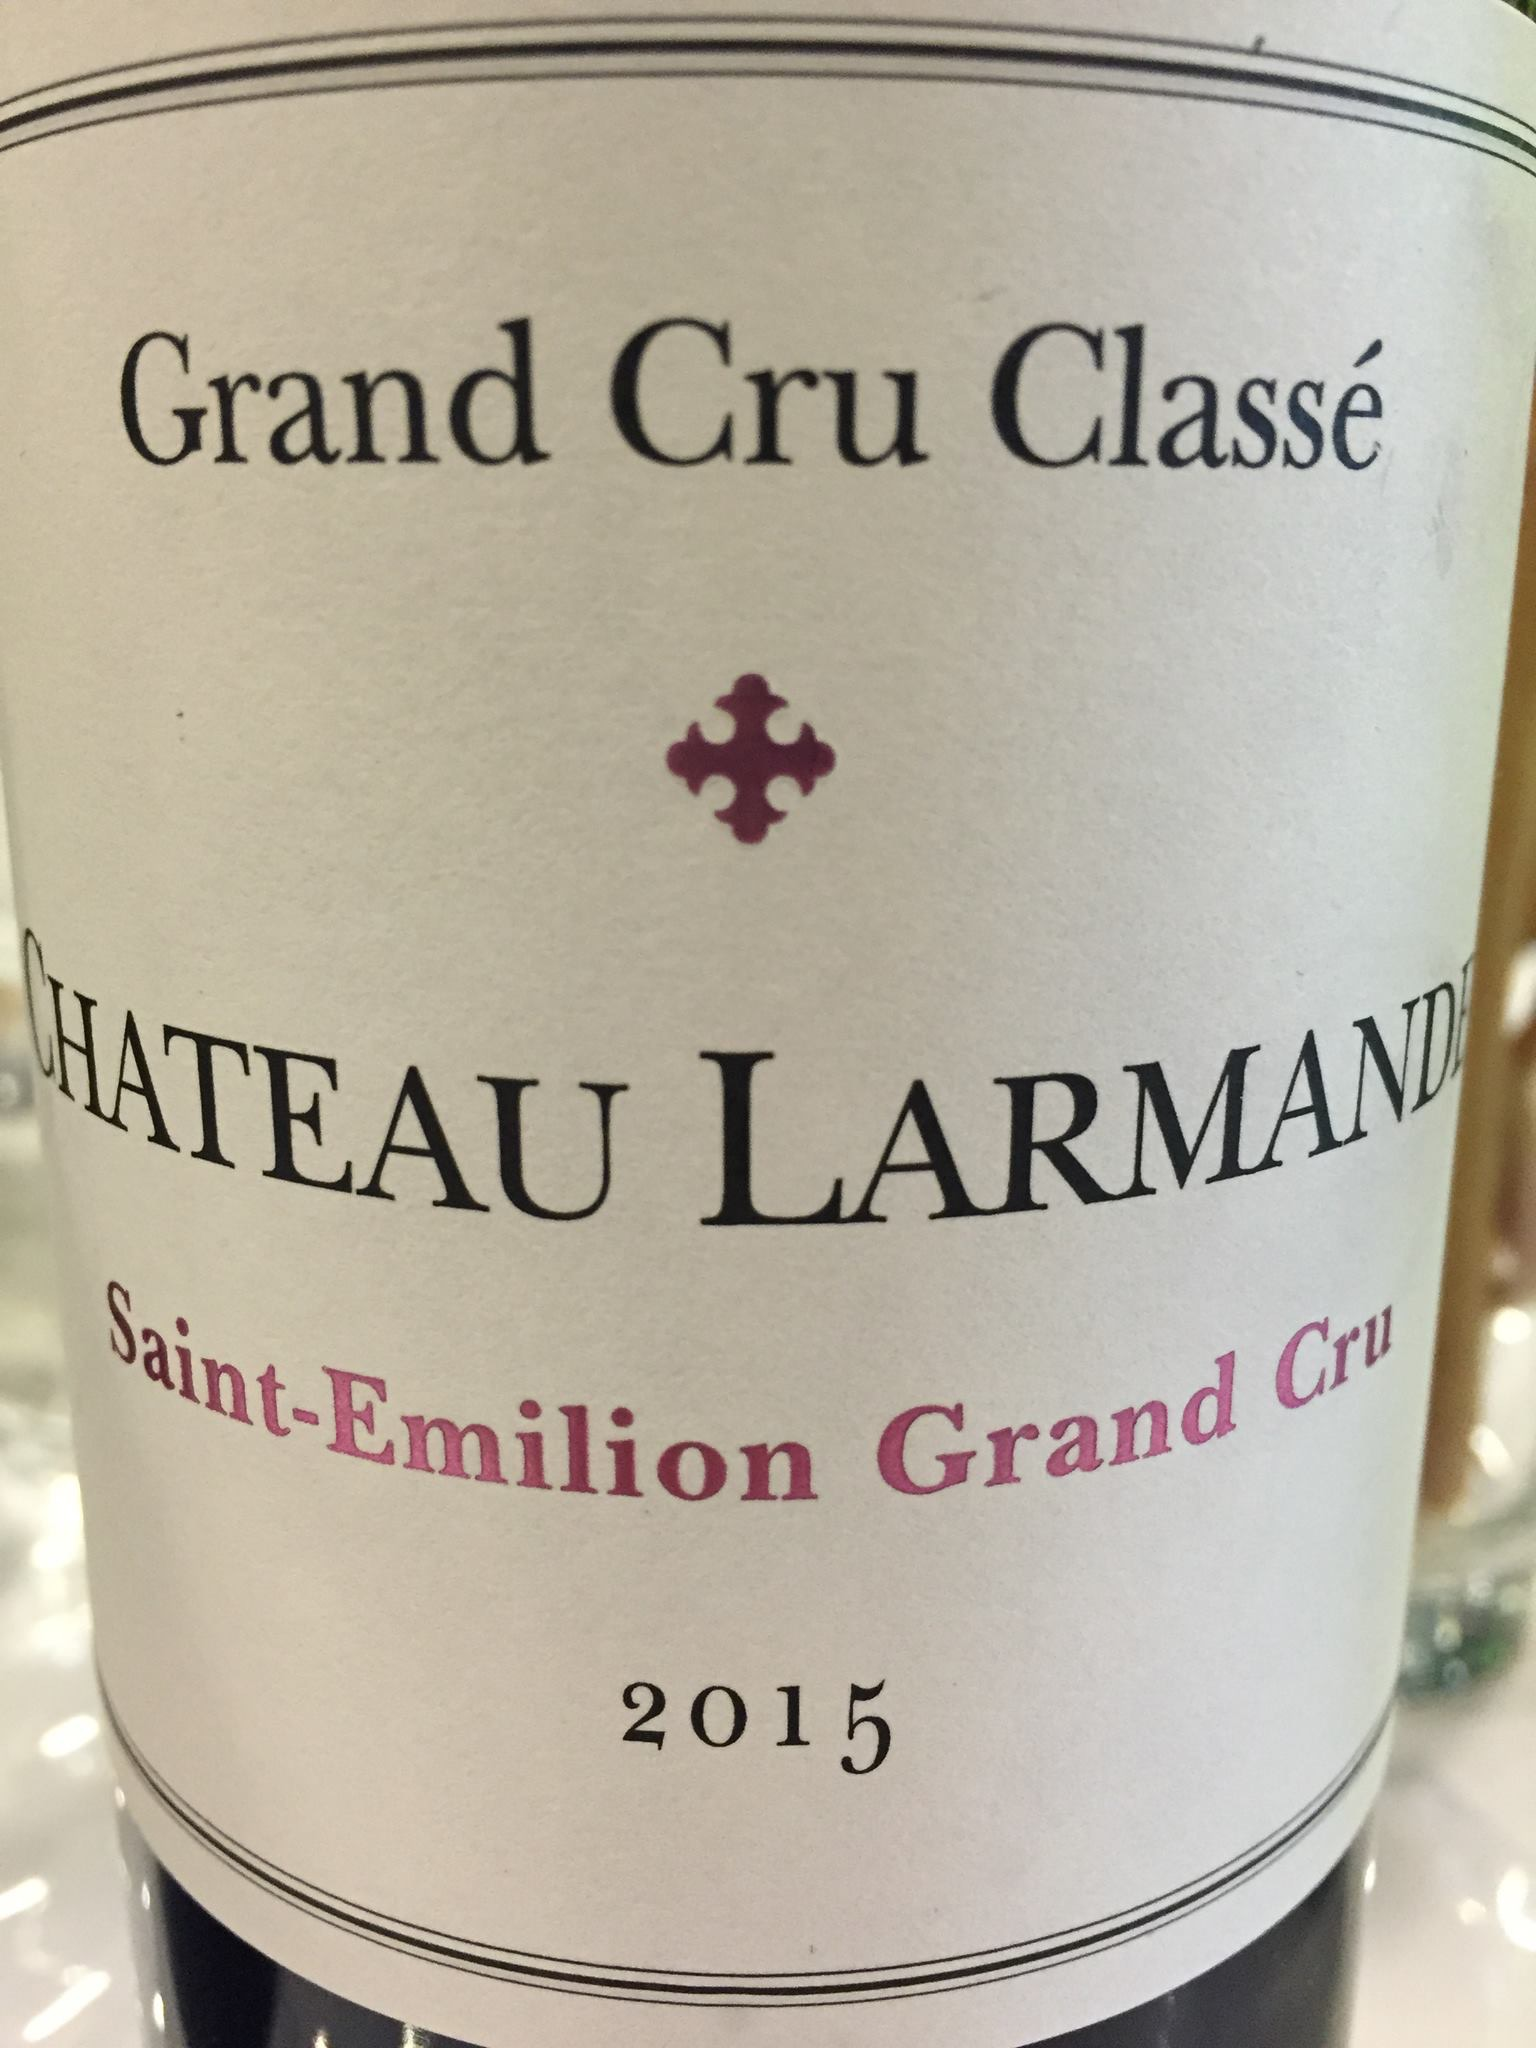 Château Larmande 2015 – Saint-Emilion Grand Cru, Grand Cru Classé